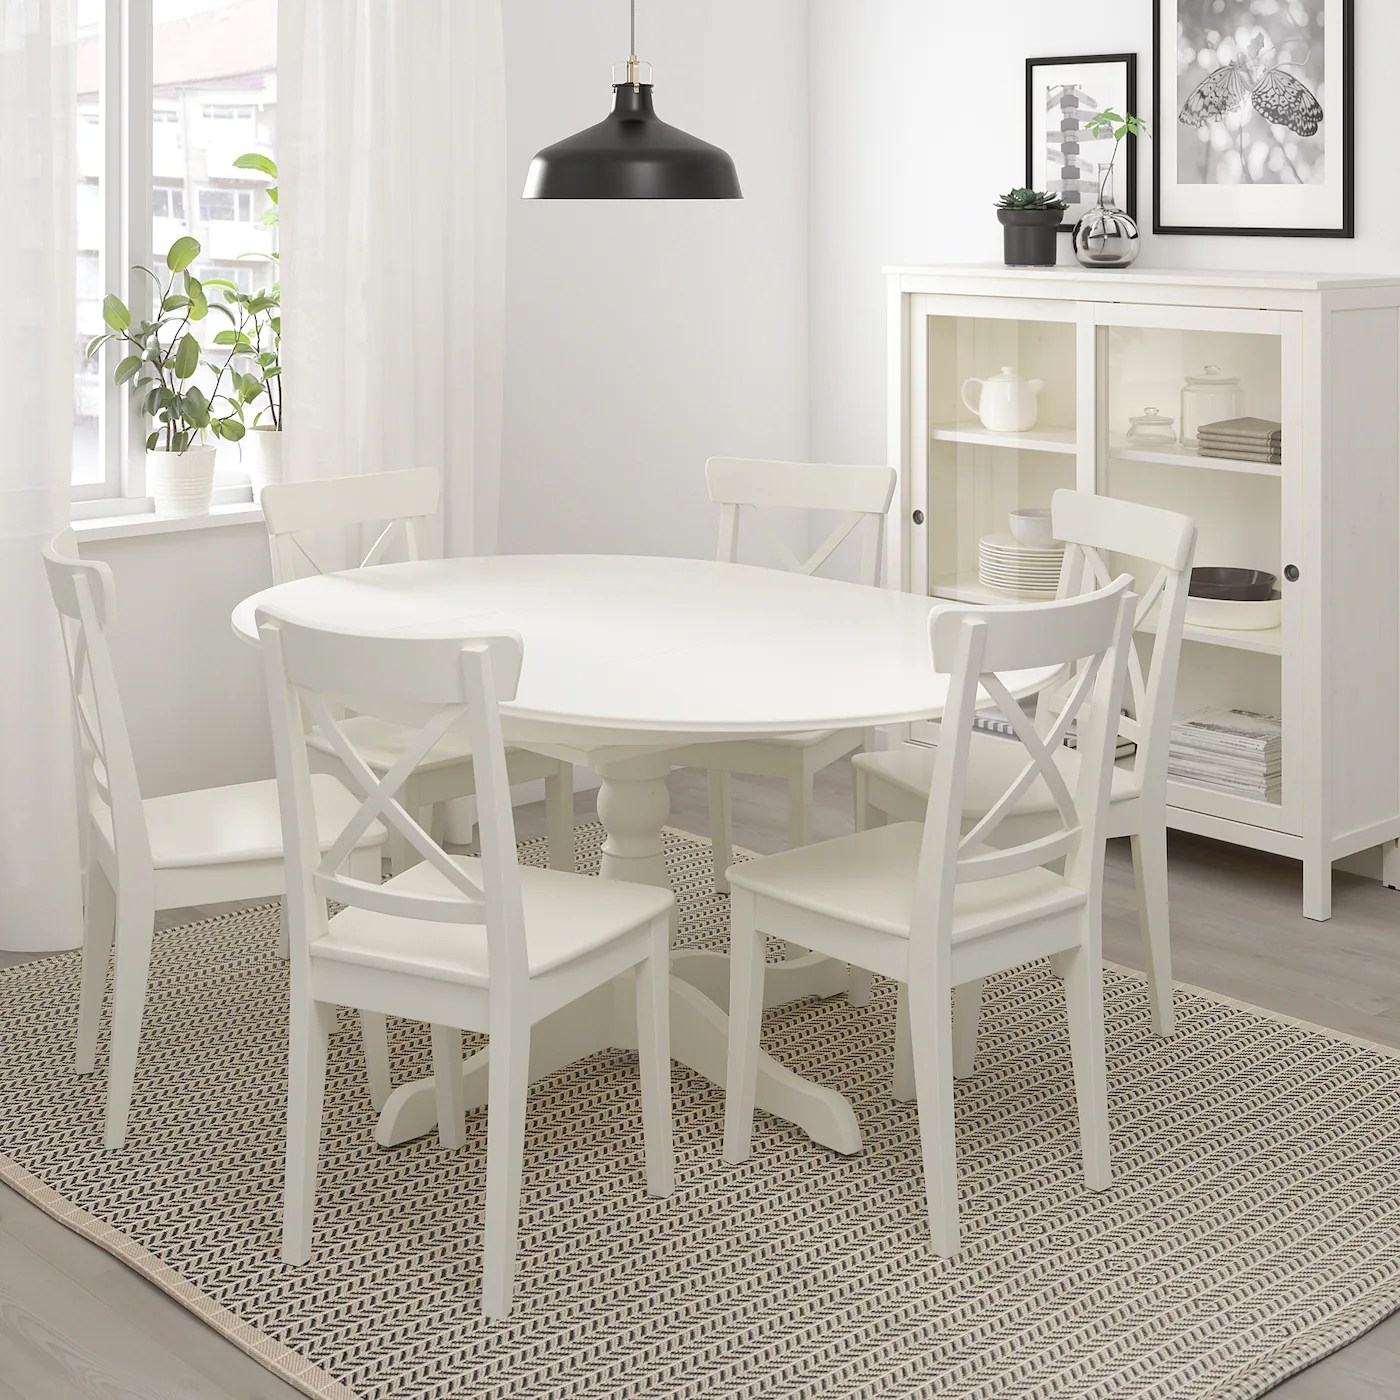 In foto il tavolo allungabile bianco ingatorp, prezzo 279 euro. Ingatorp Tavolo Allungabile Bianco Scopri I Dettagli Del Prodotto Ikea It